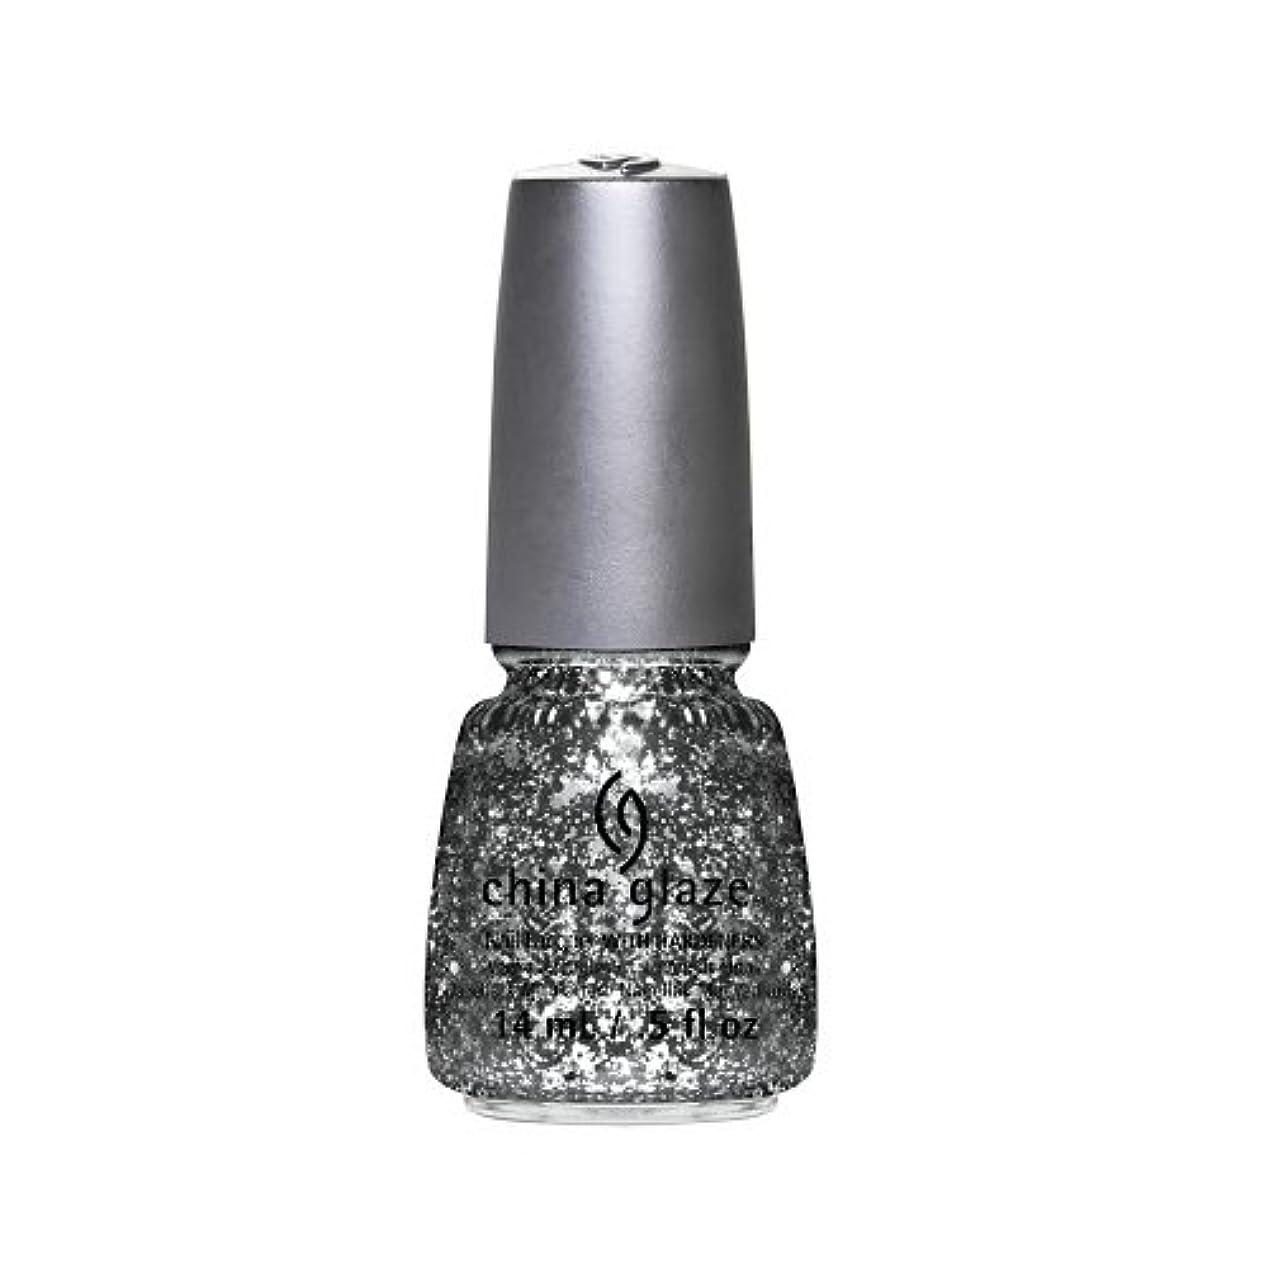 ビールヒロイン亜熱帯(6 Pack) CHINA GLAZE Nail Lacquer - Glitz Bitz ?n Pieces Collection - Gltz'n Pieces (並行輸入品)